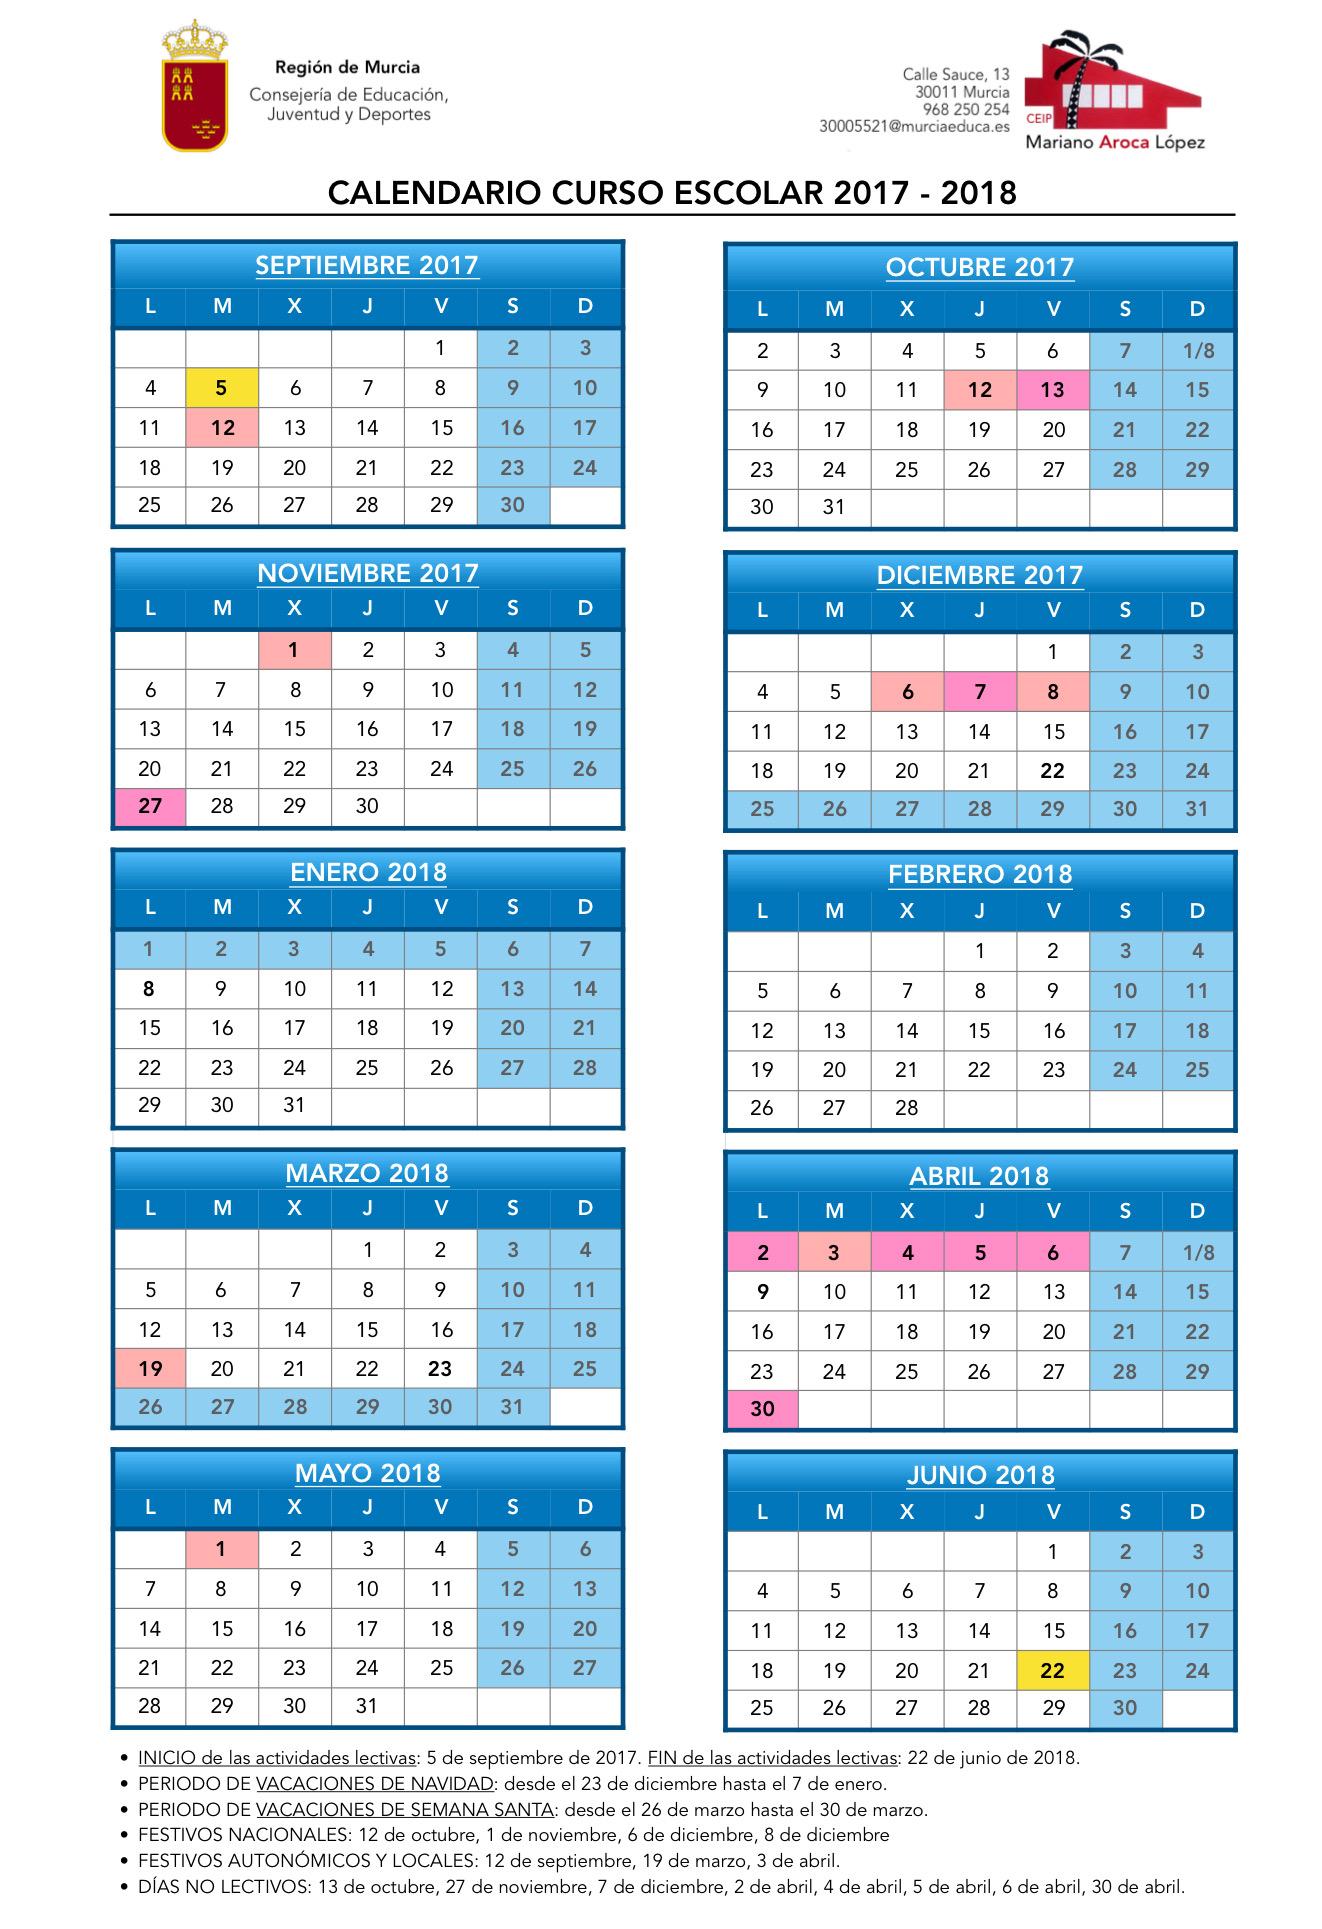 Calendario Escolar Murcia 2019.Calendario Escolar 2018 2019 Cbm Mariano Aroca Lopez